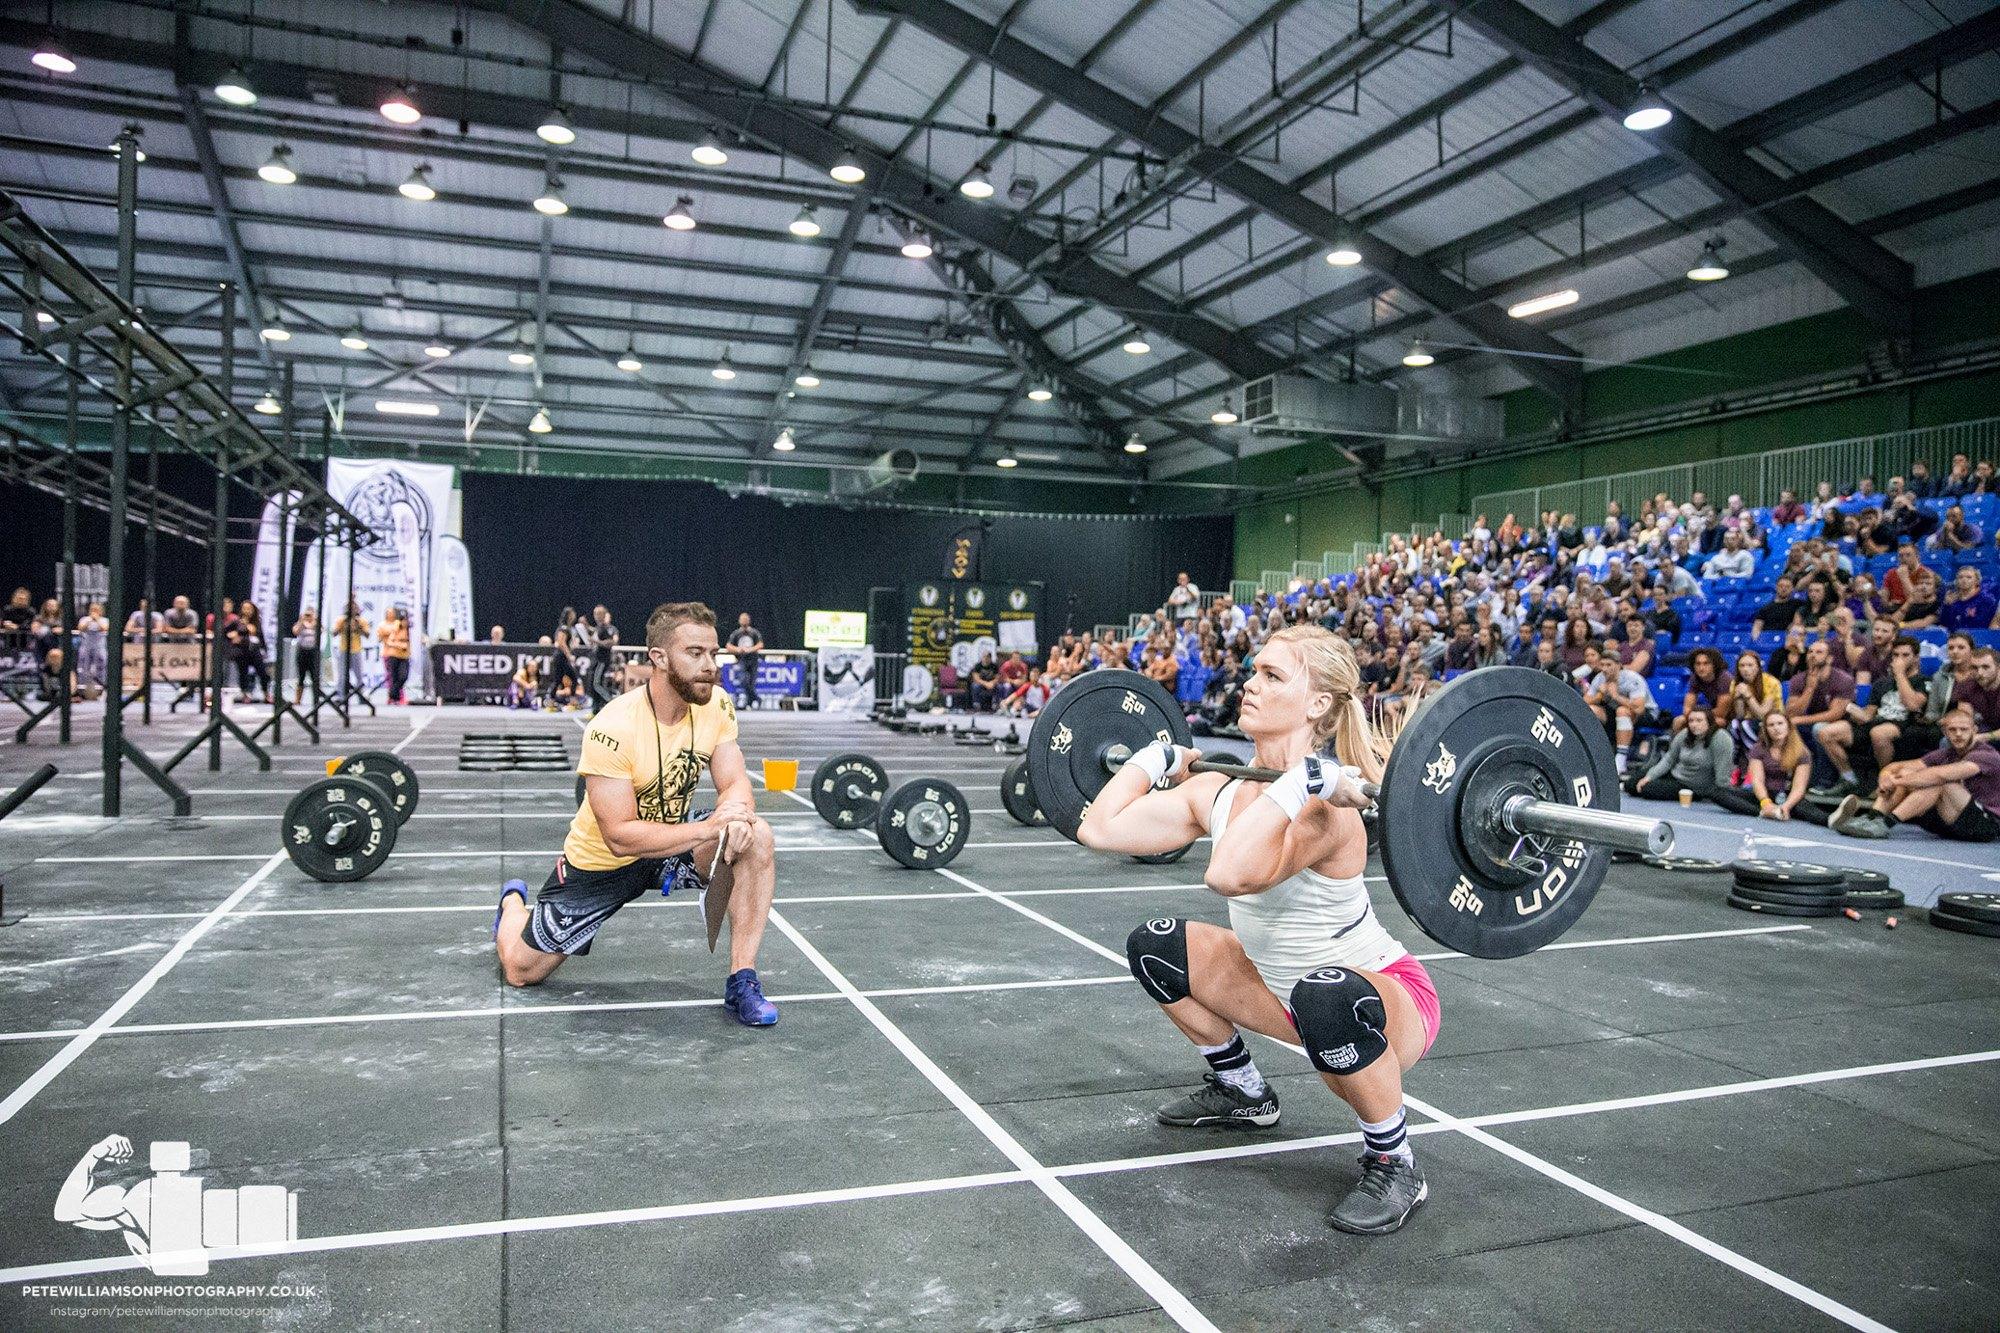 Quelle catégorie choisir pour une première compétition de CrossFit ?